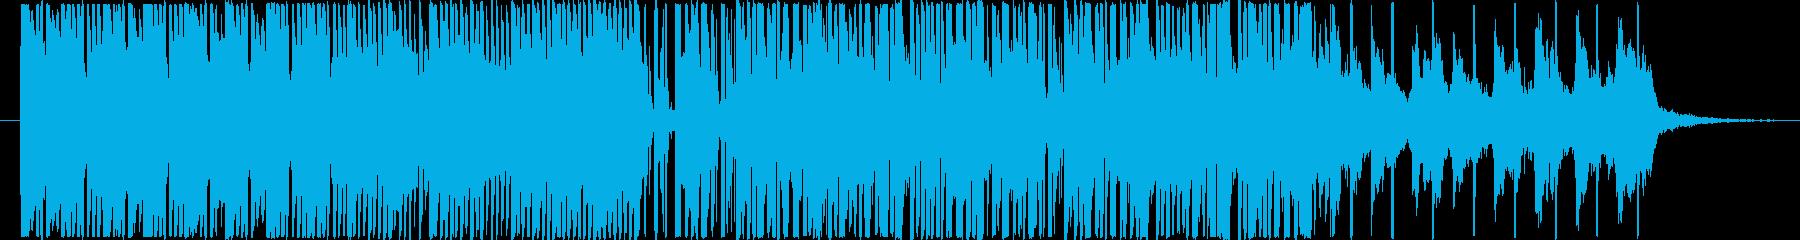 ベースで未来的な曲の再生済みの波形